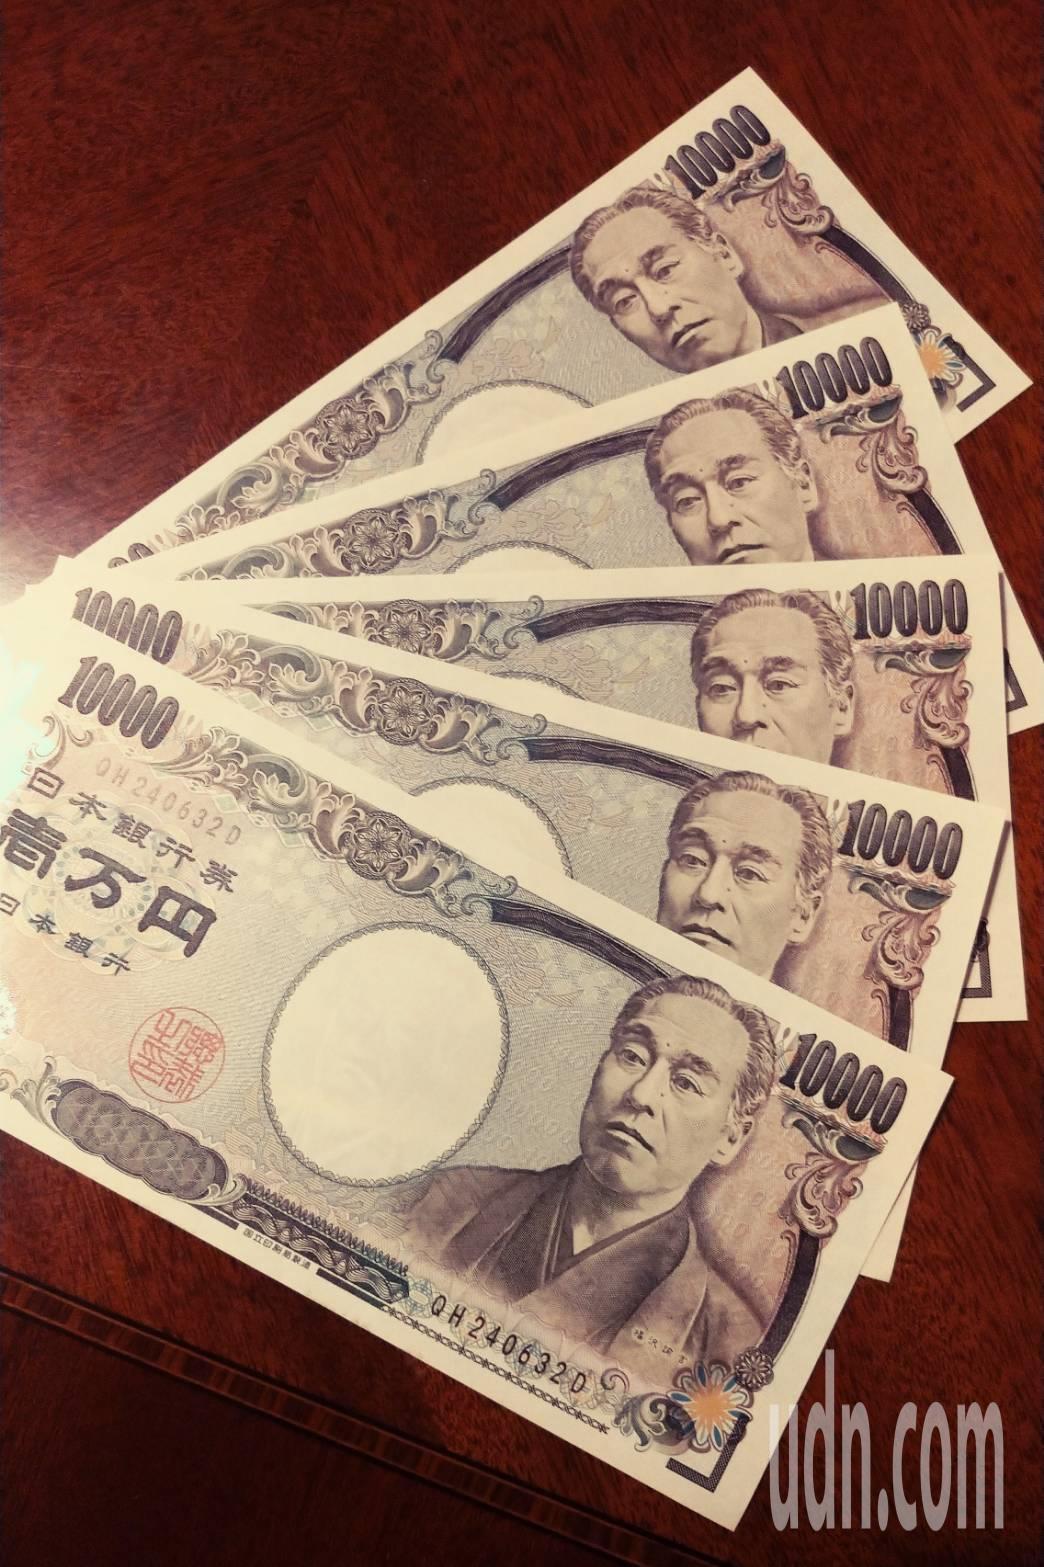 日本將進行紙鈔改版,萬元鈔自1984年延用至今已35年的「福澤諭吉」終於將卸任。...